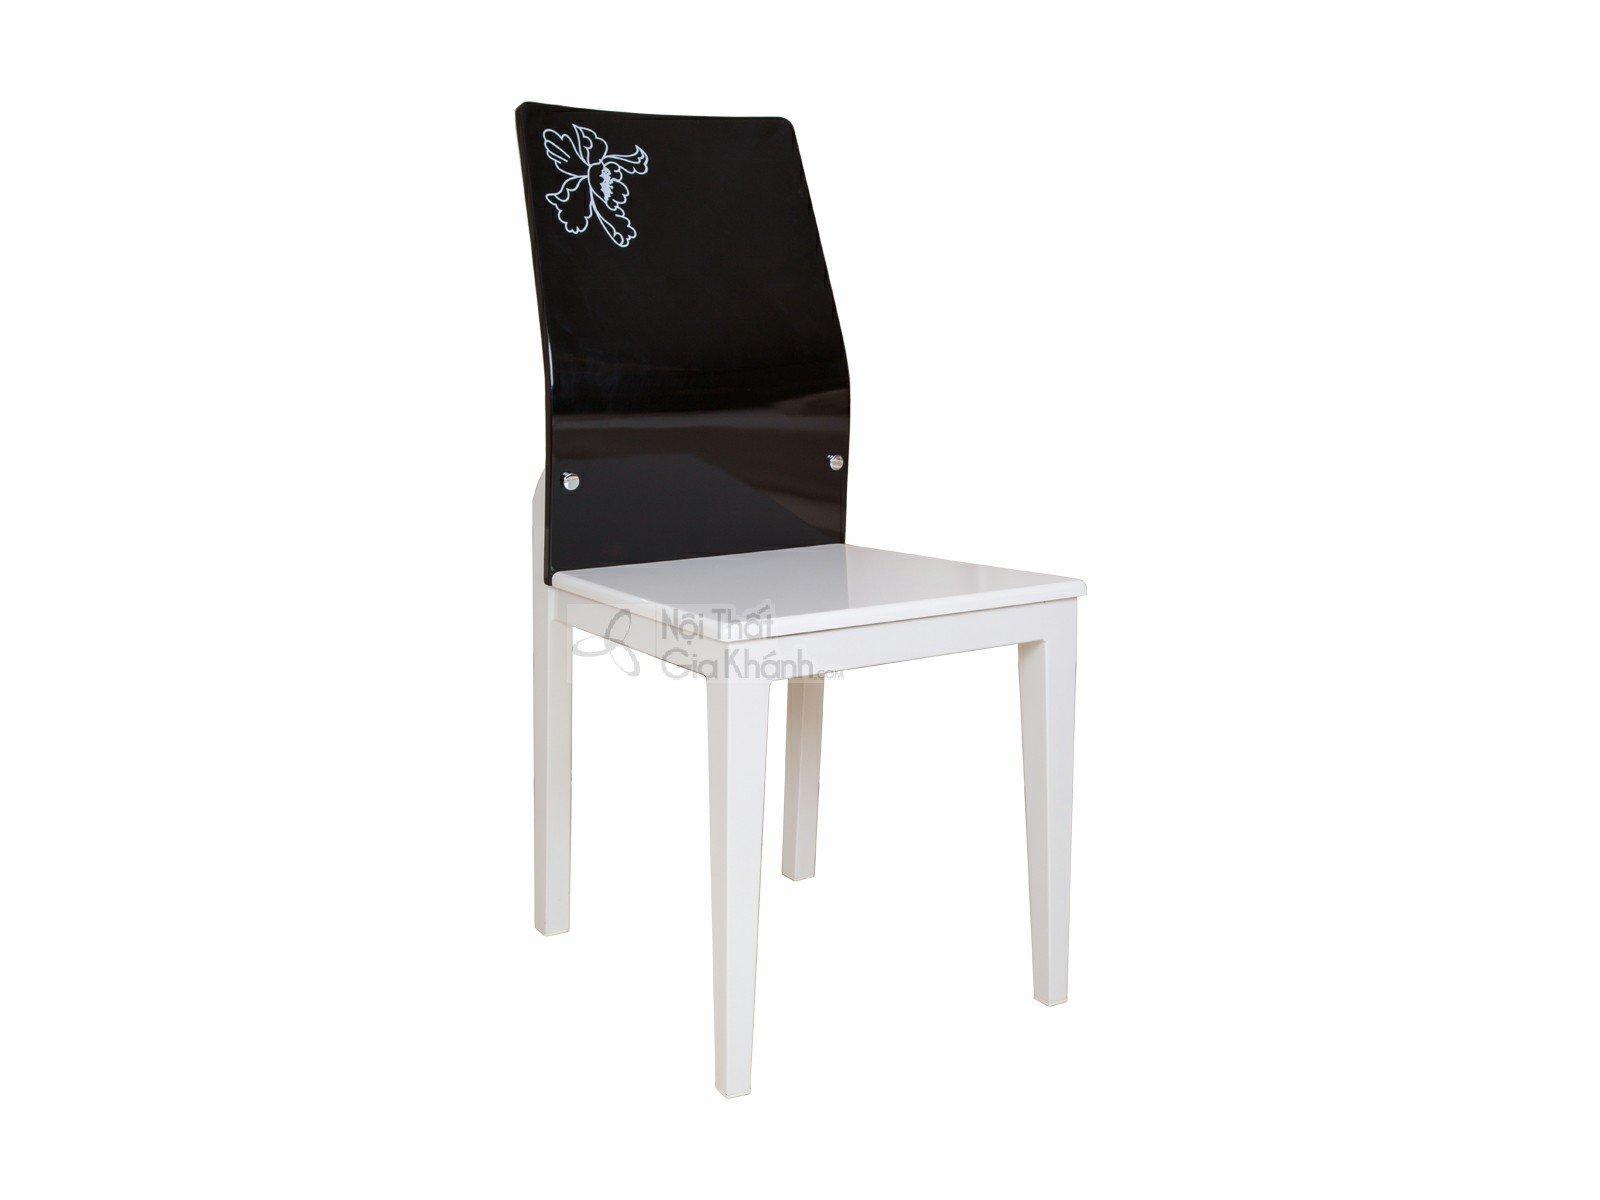 Ghế học gỗ công nghiệp màu đen đẹp CY01032